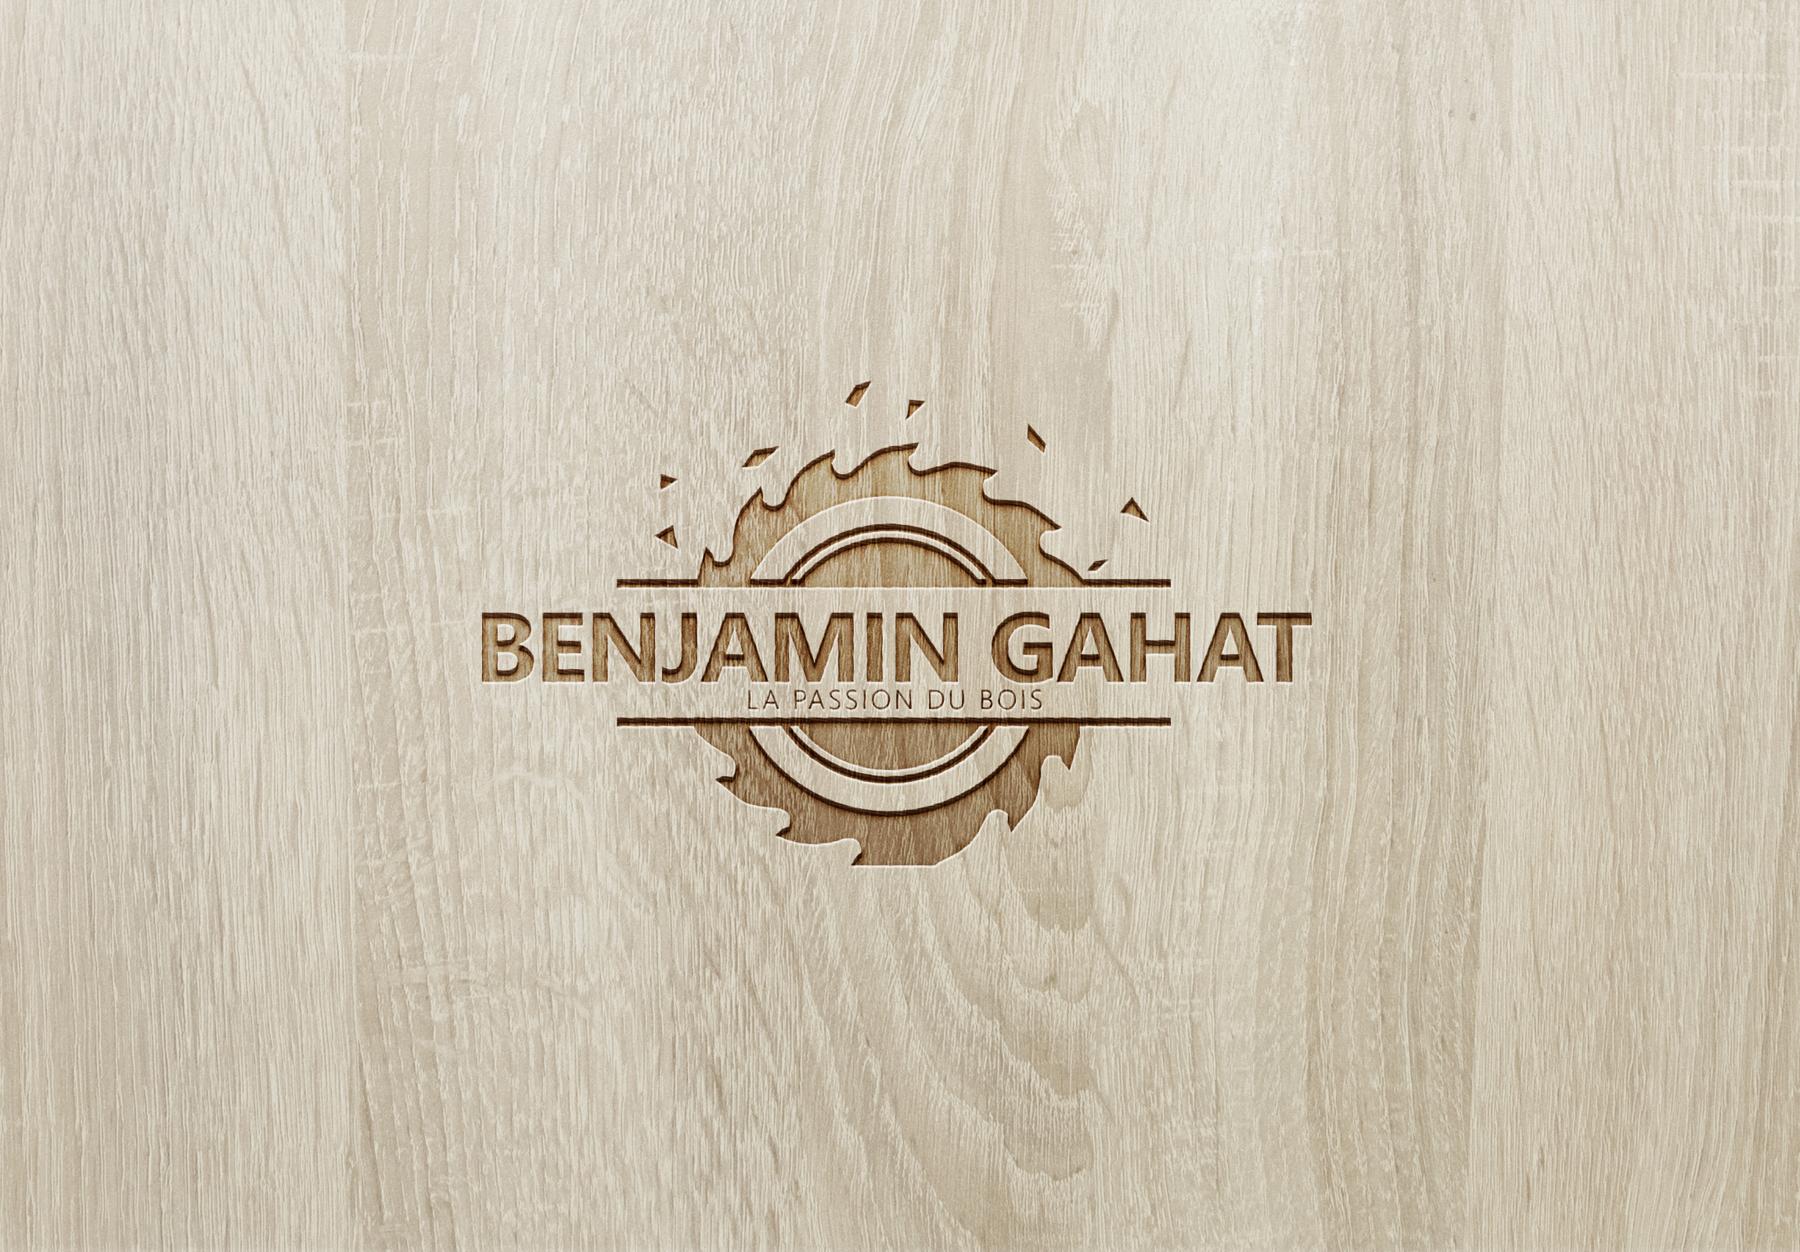 Benjamin Gahat